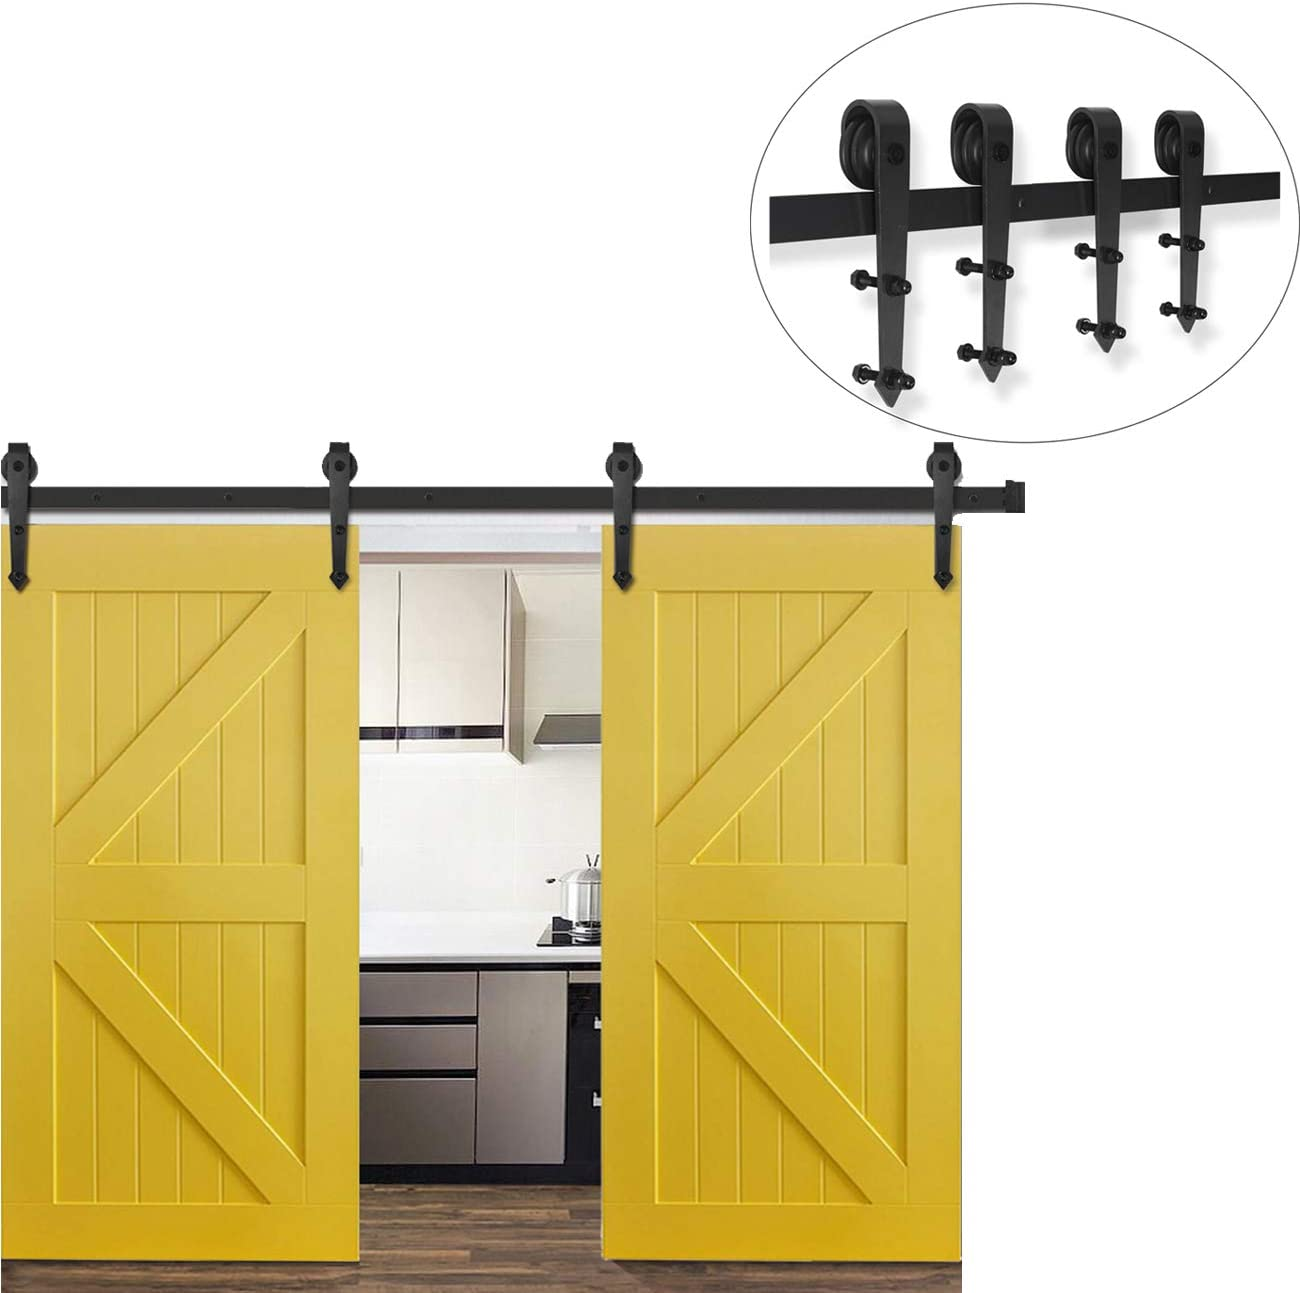 Juego de 2 puertas correderas resistentes para puerta corredera de color negro de 2,4 m con instrucciones de instalación (idioma español no garantizado): Amazon.es: Bricolaje y herramientas